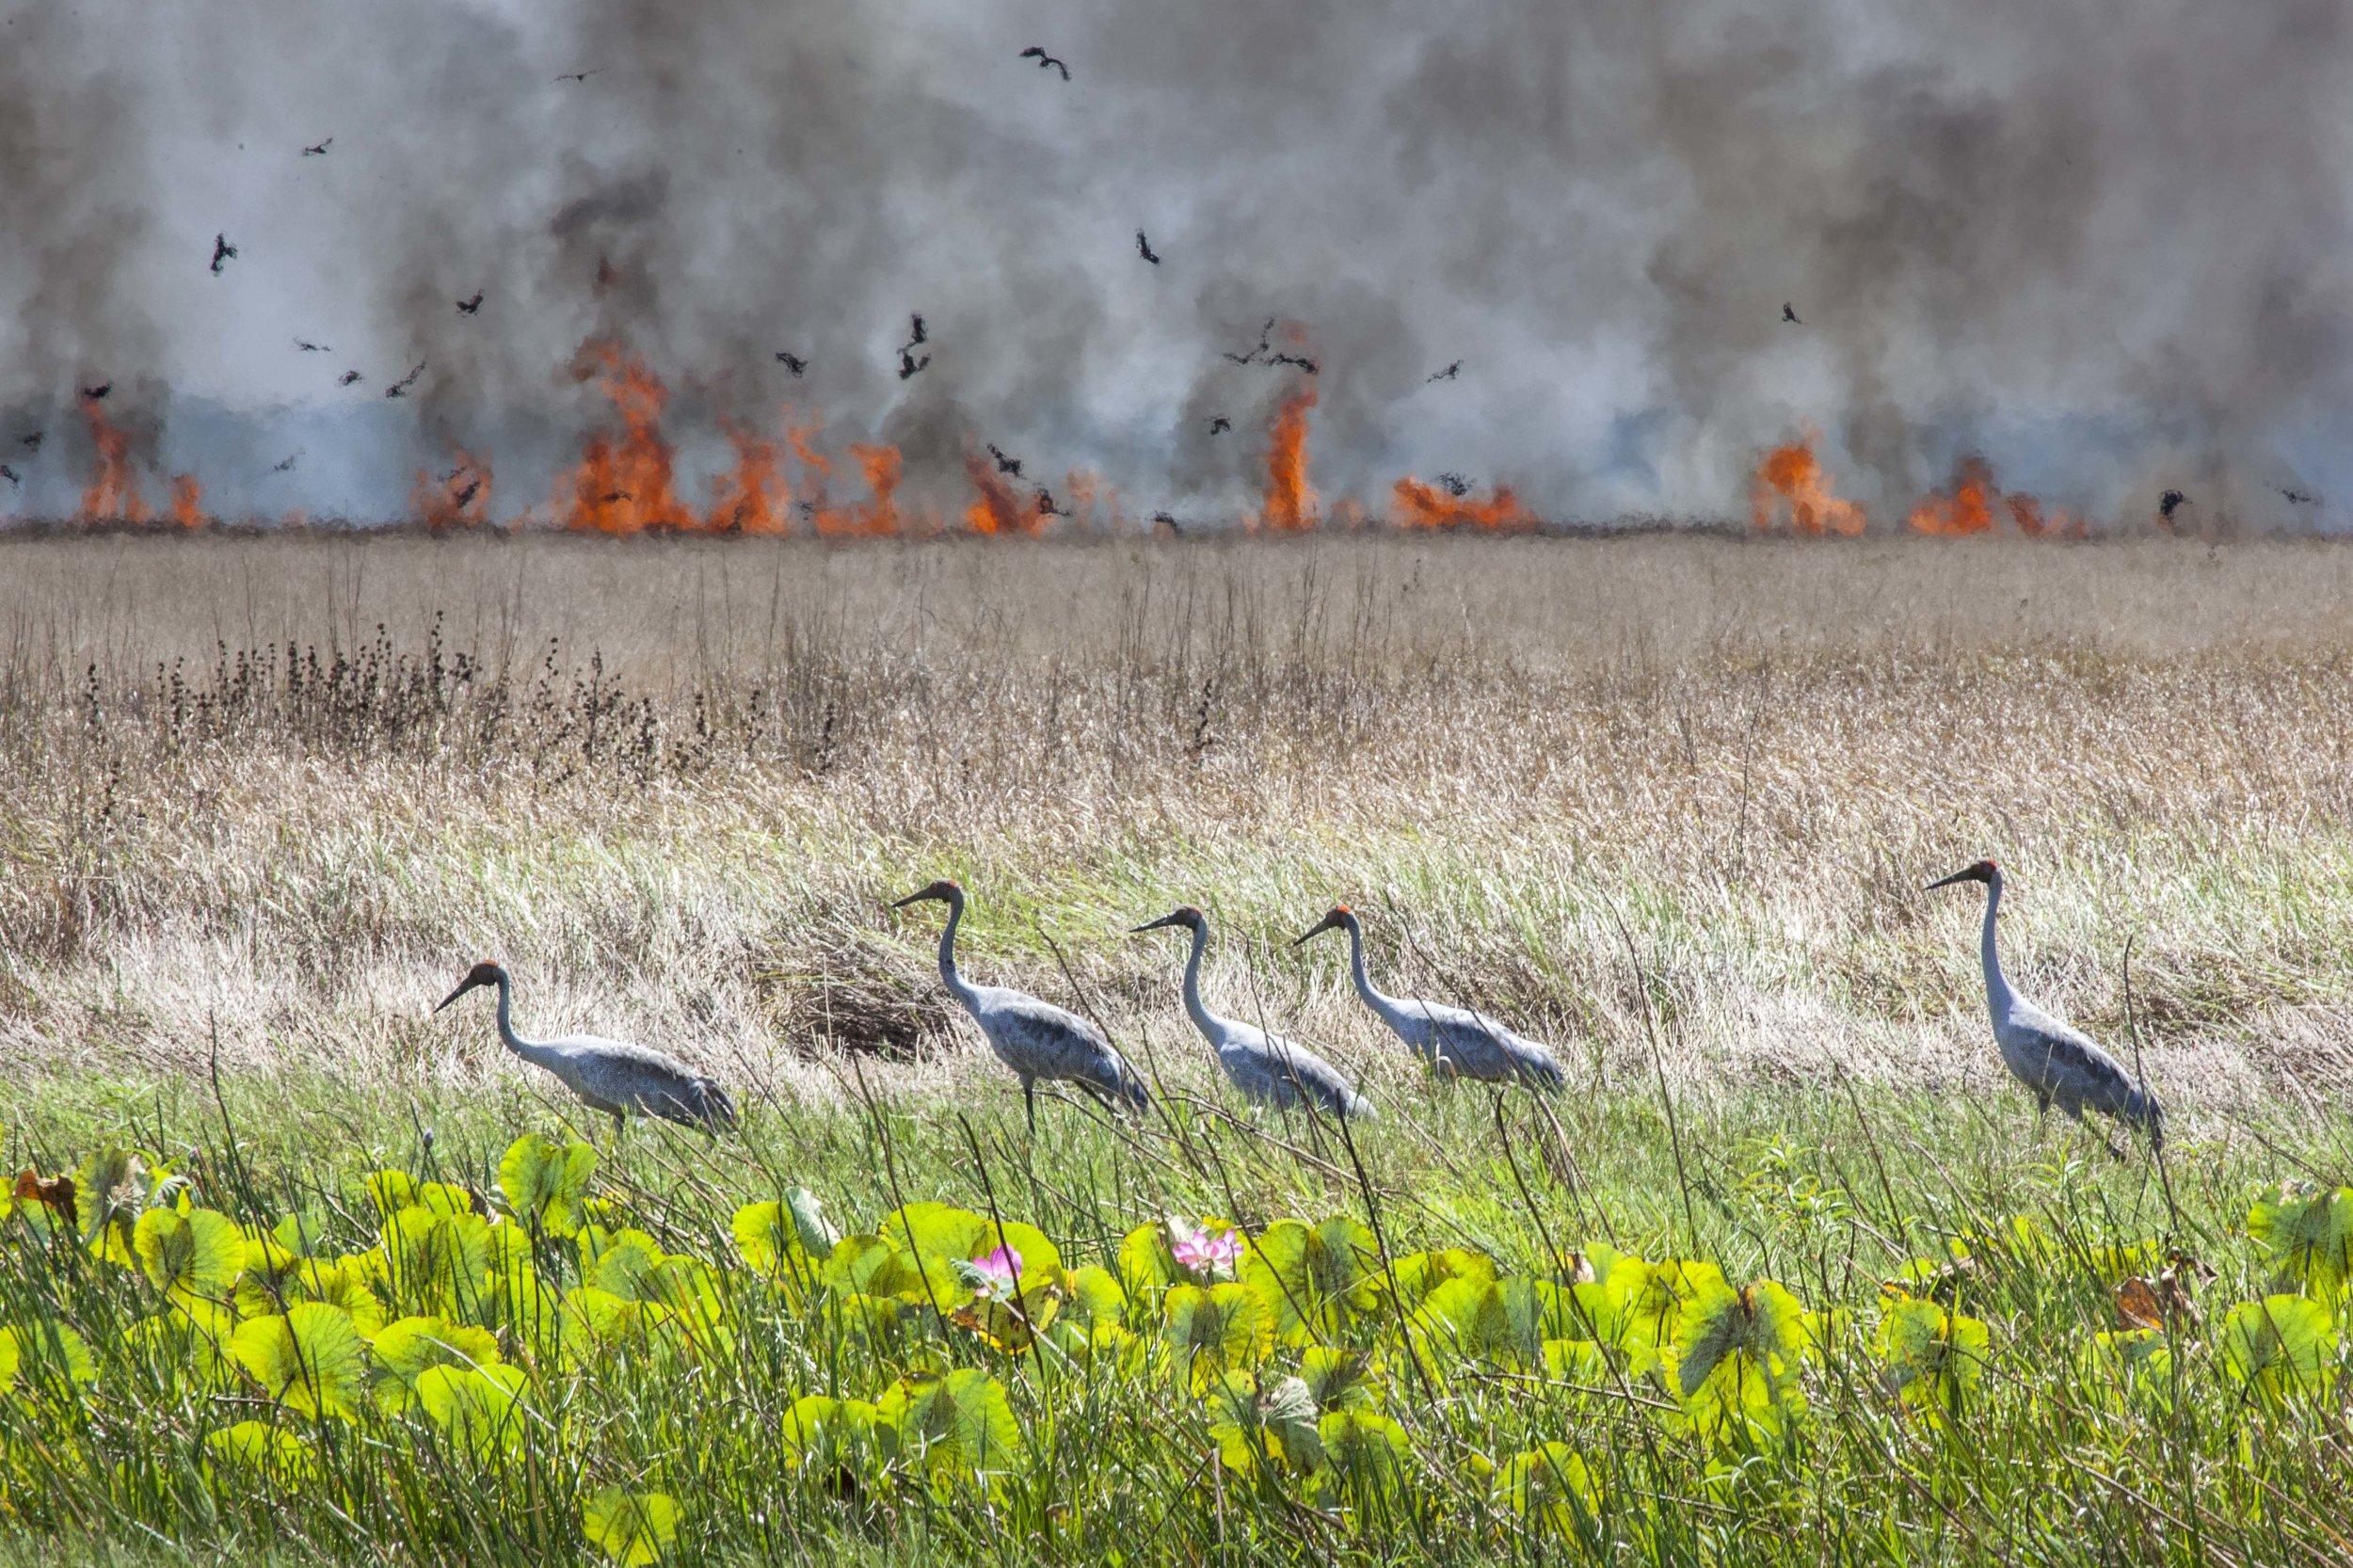 10. brolga's flee fire by cathryn vasseleu.jpg